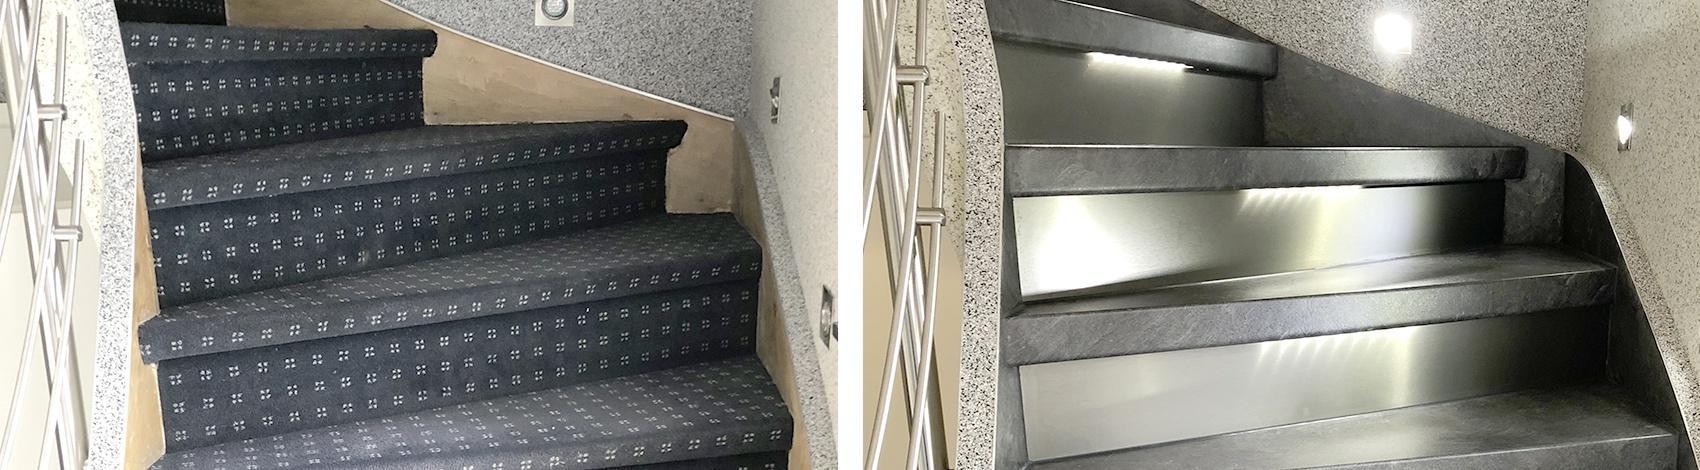 Treppenrenovierung mit über 20 Dekoren.